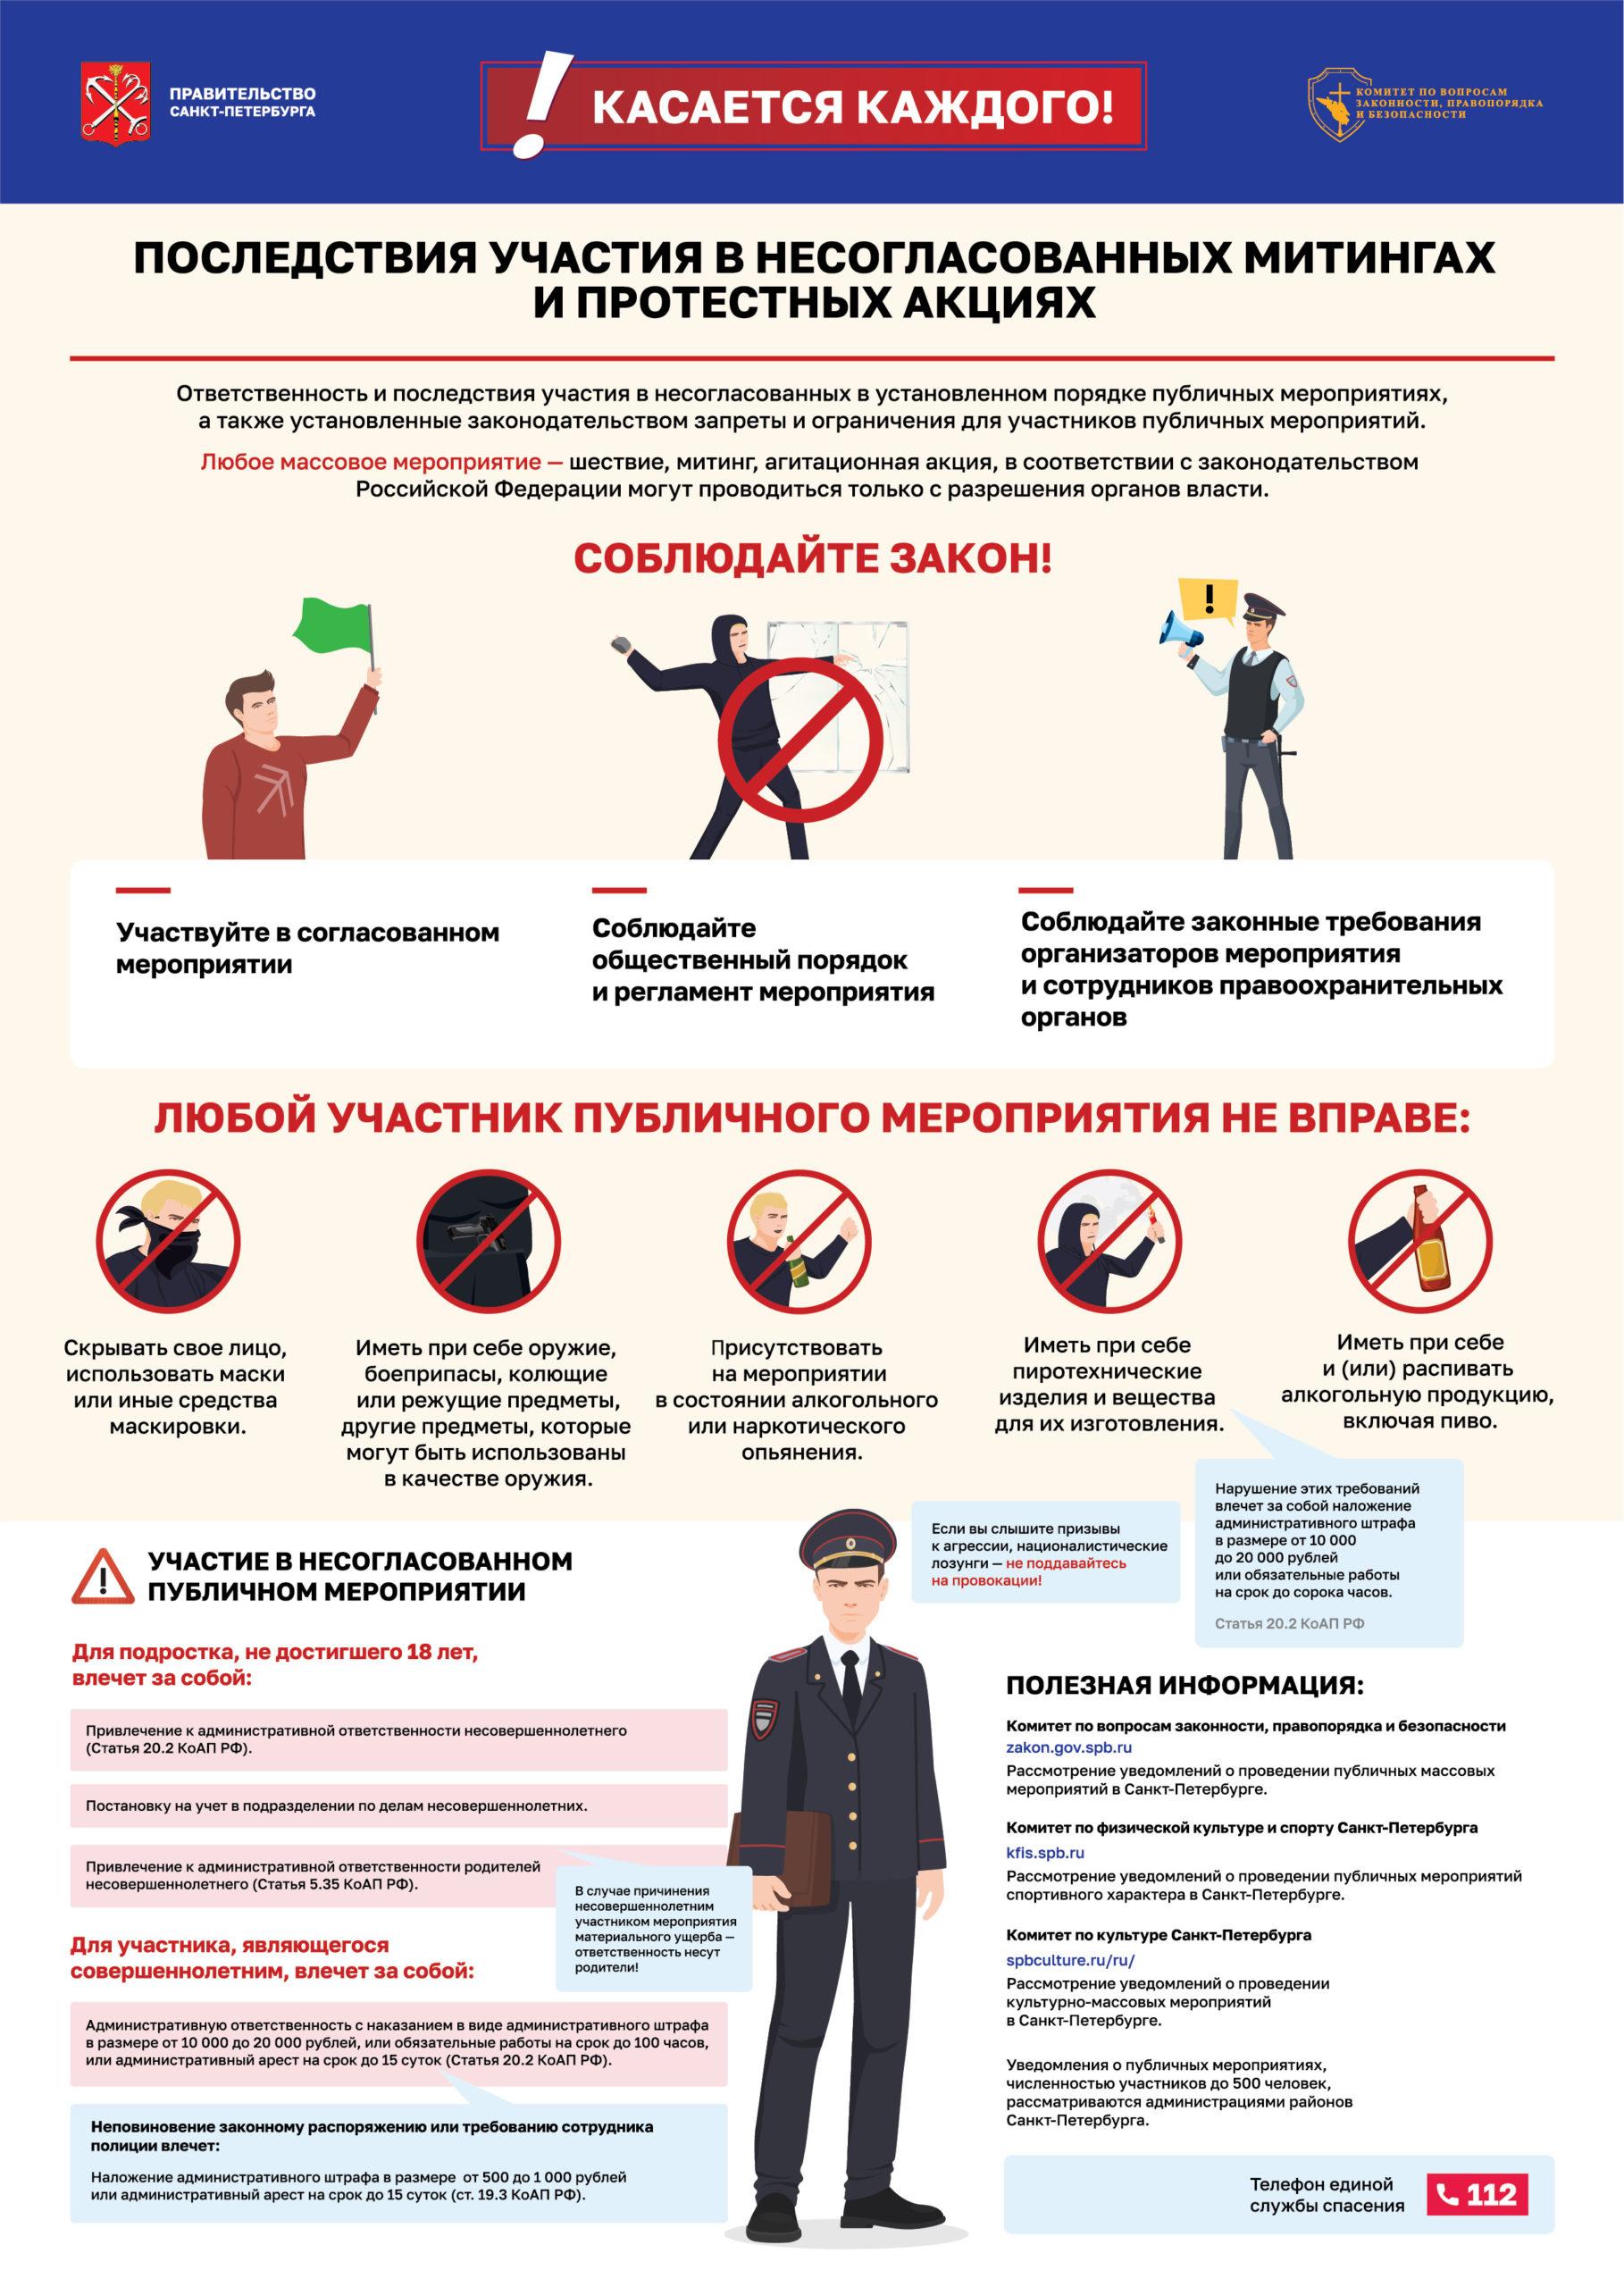 Последствия участия в несогласованных митингах и протестных акциях